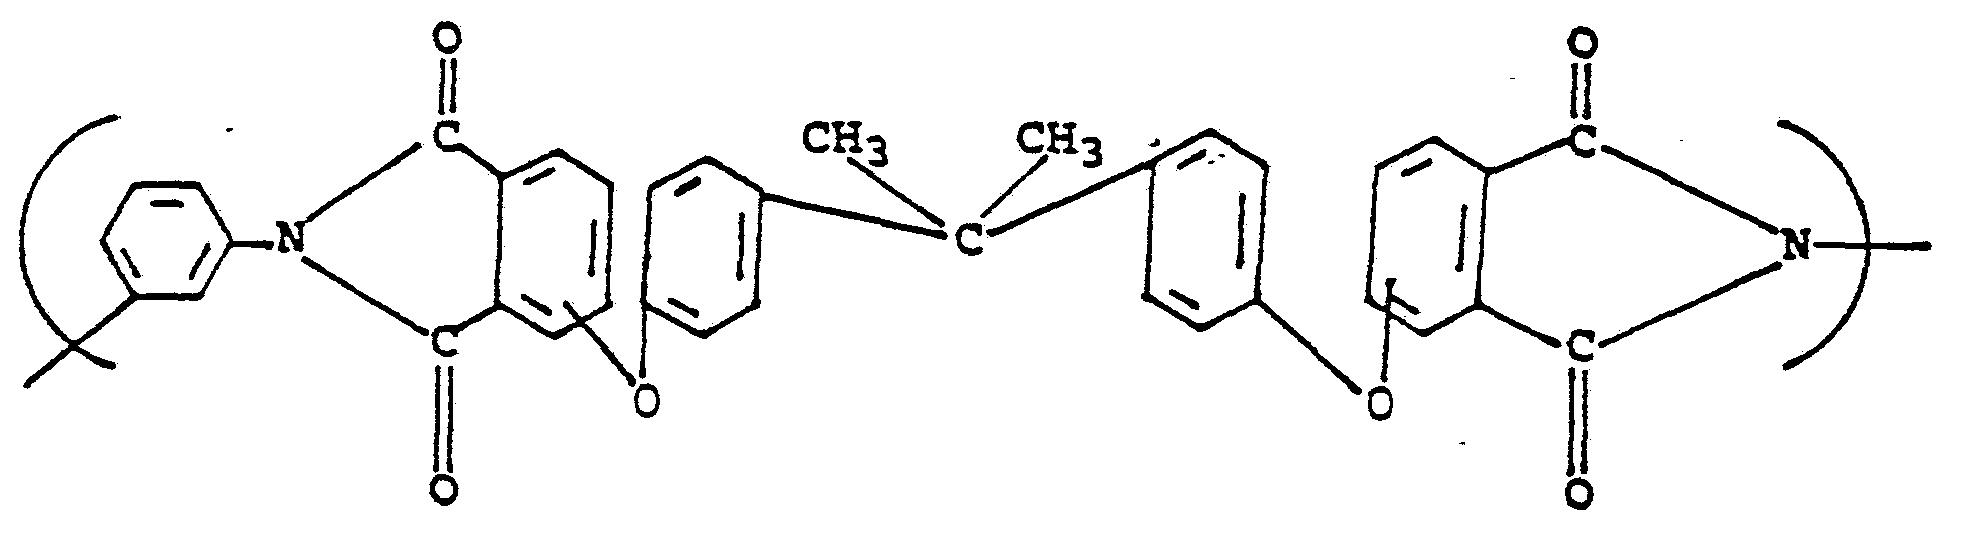 Figure imgf000020_0001